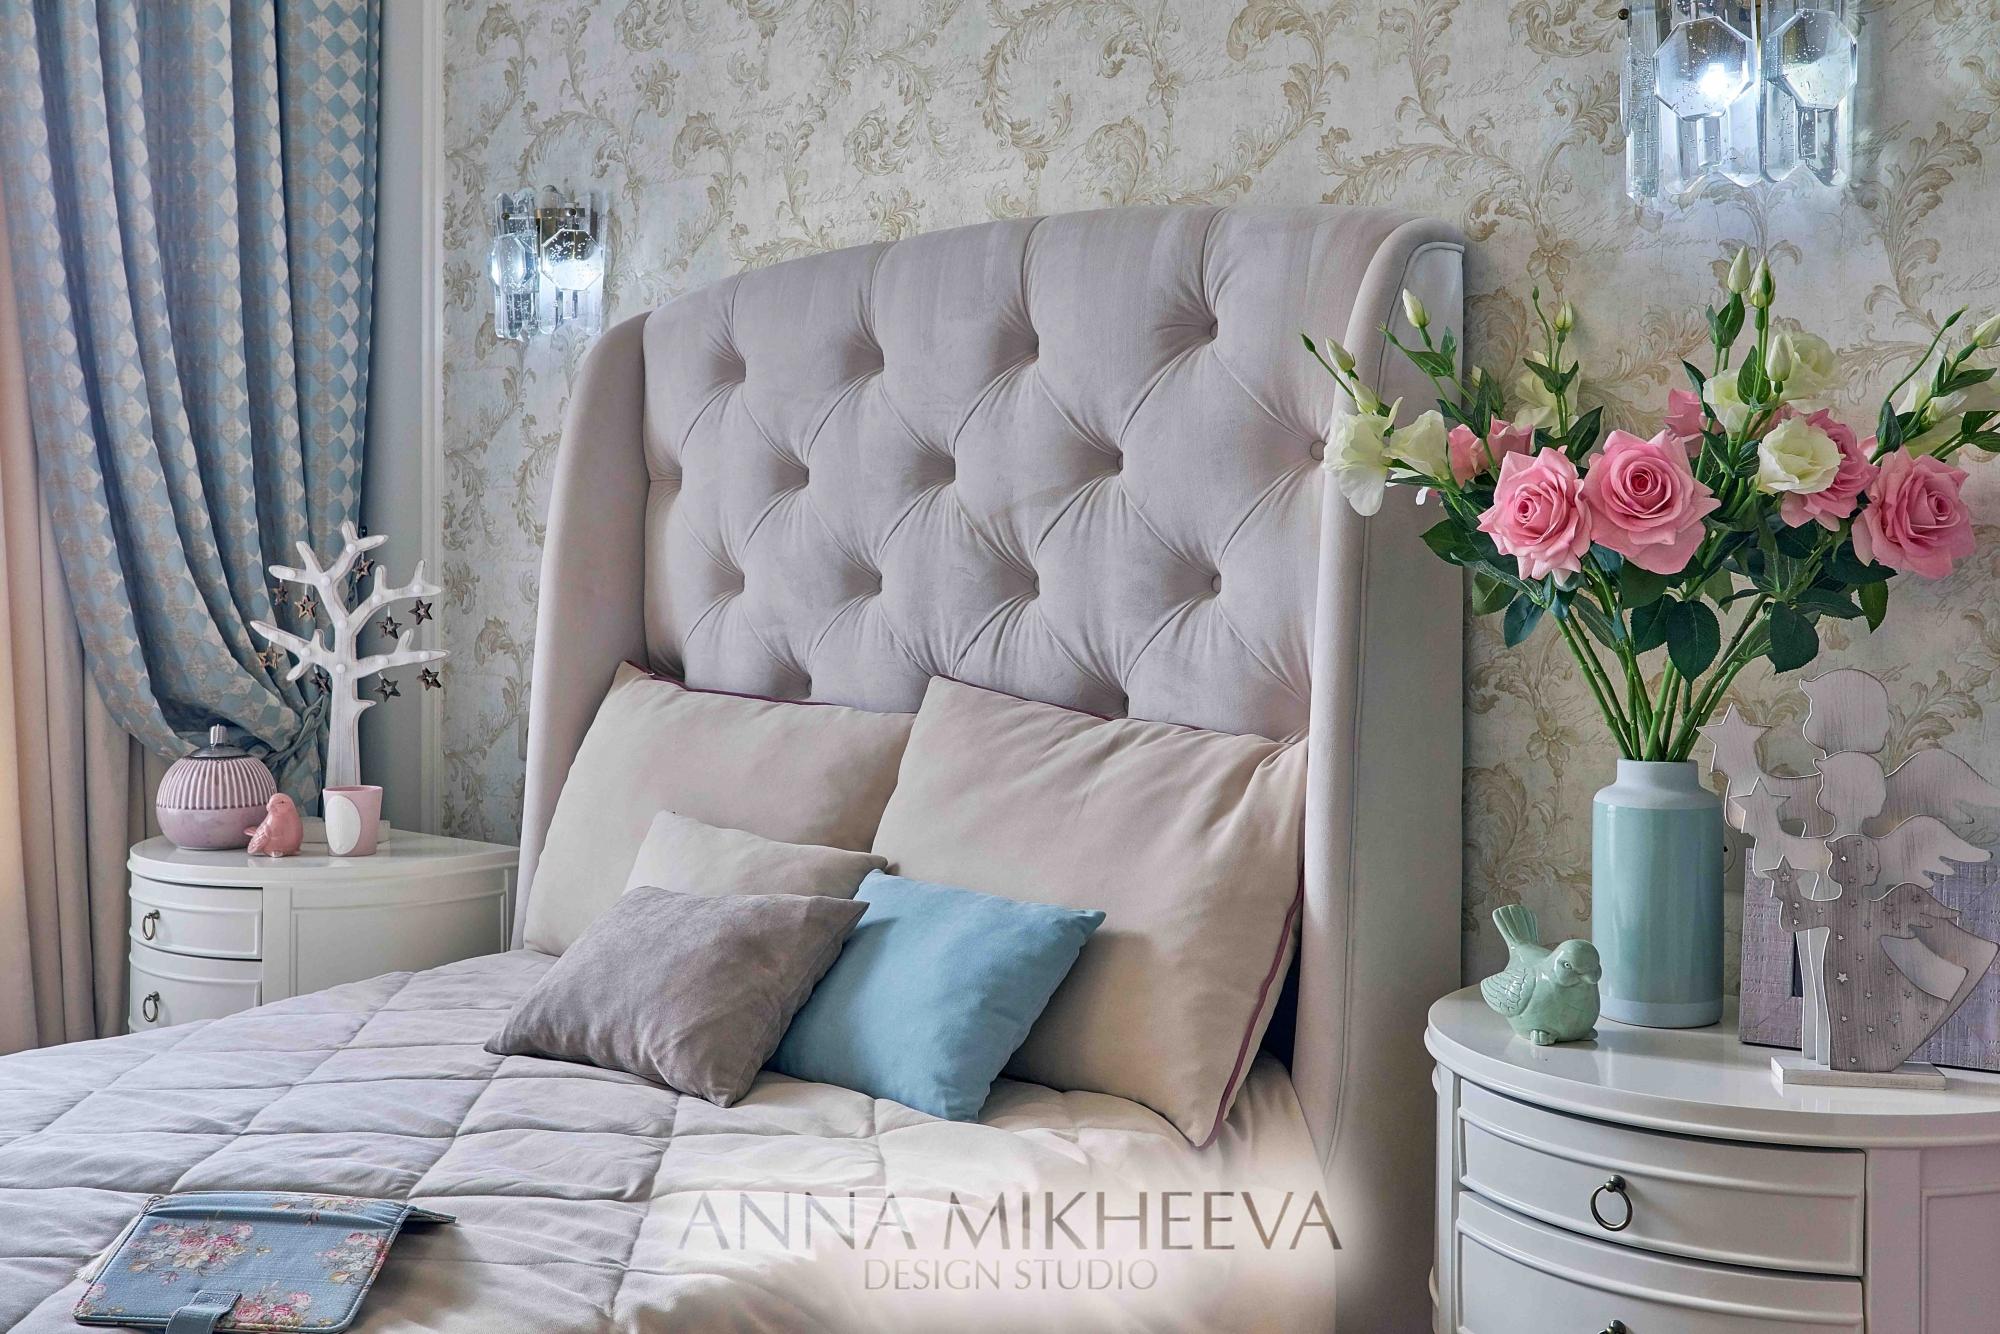 Дизайн интерьера в Казахстане. Фото.